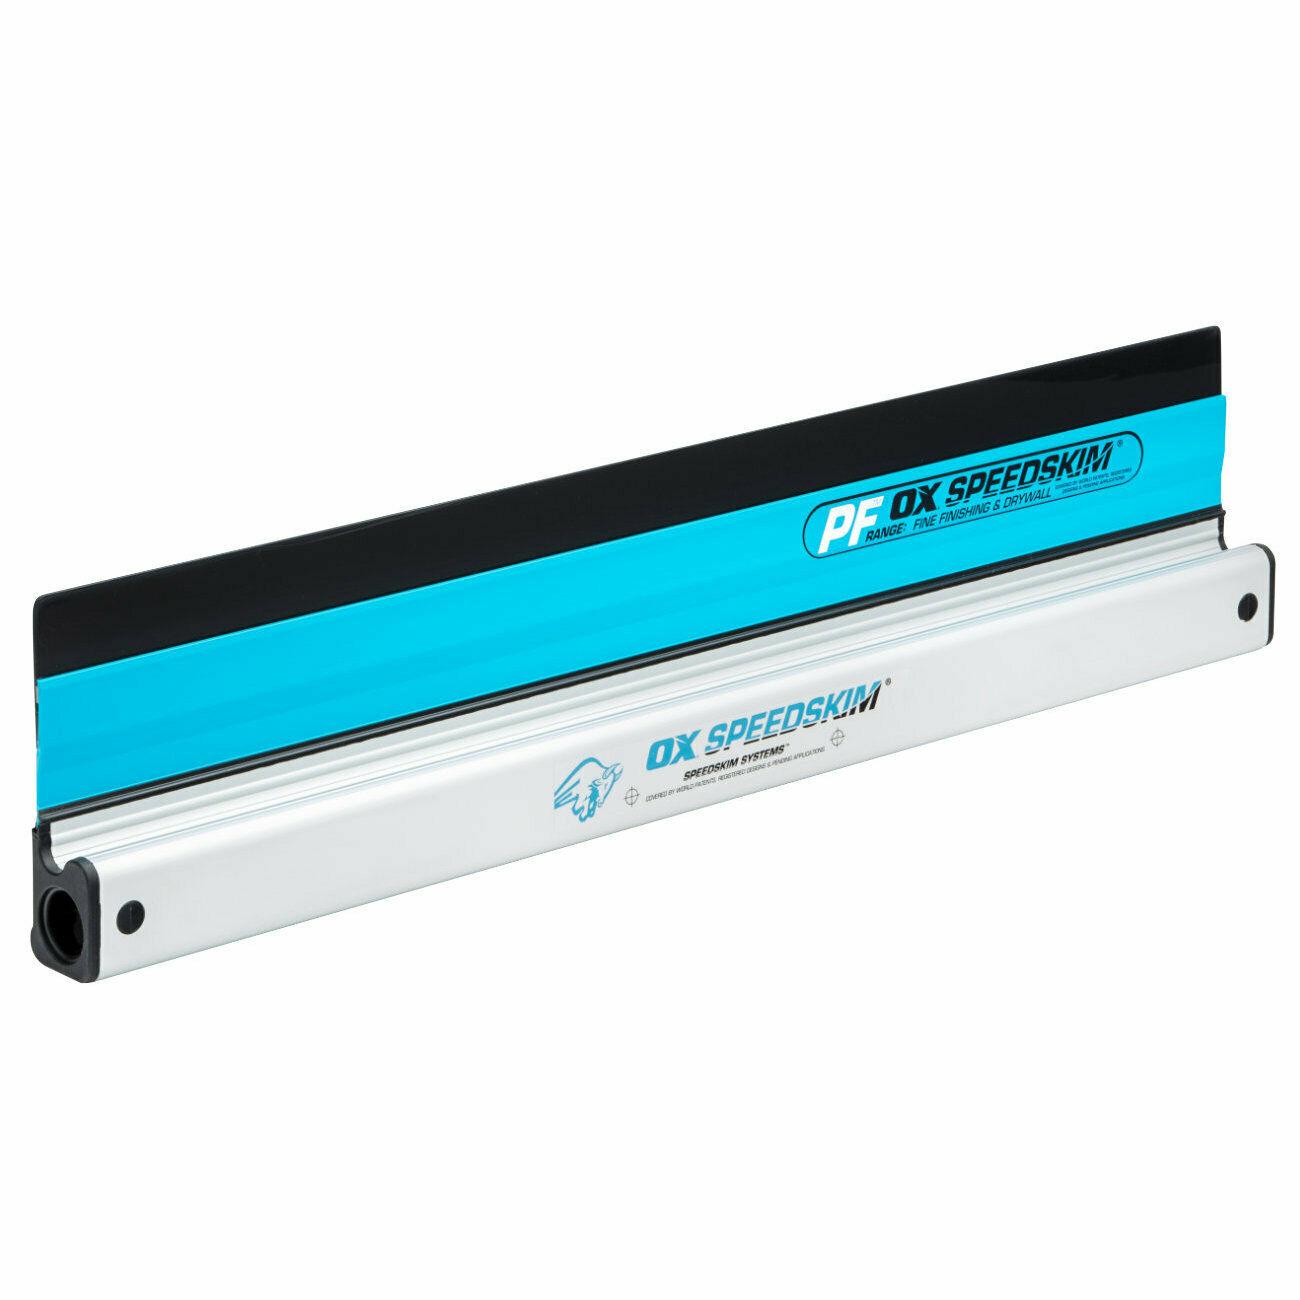 OX PRO SPEEDSKIM PLASTIC - PF (FINE FINISHING & DRYWALL) 600MM